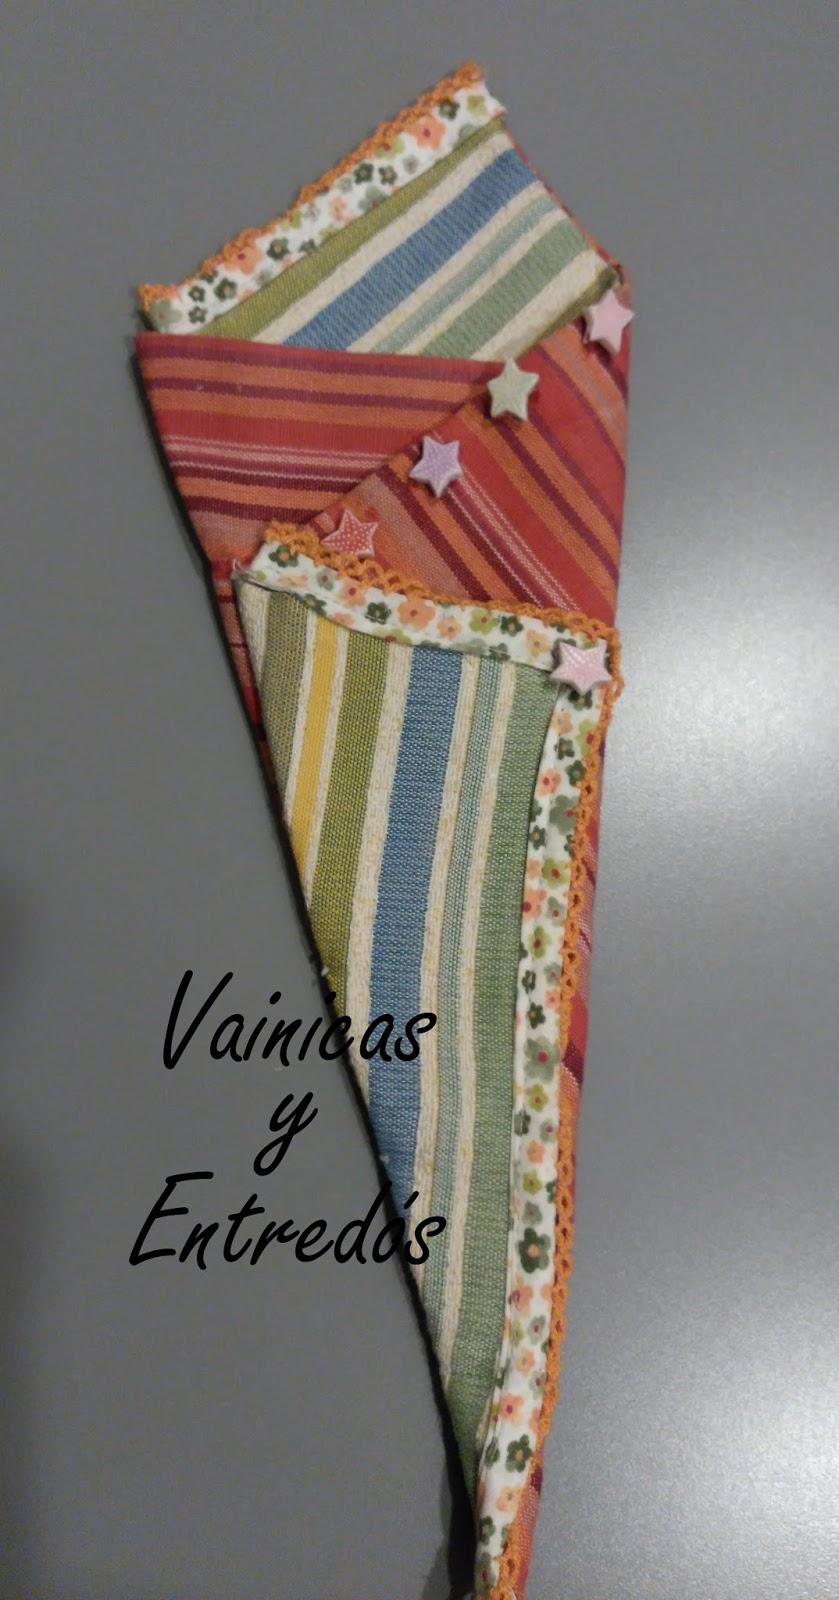 Vainicas y entred s portatijeras con telas de tapicer a - Telas para tapiceria ...